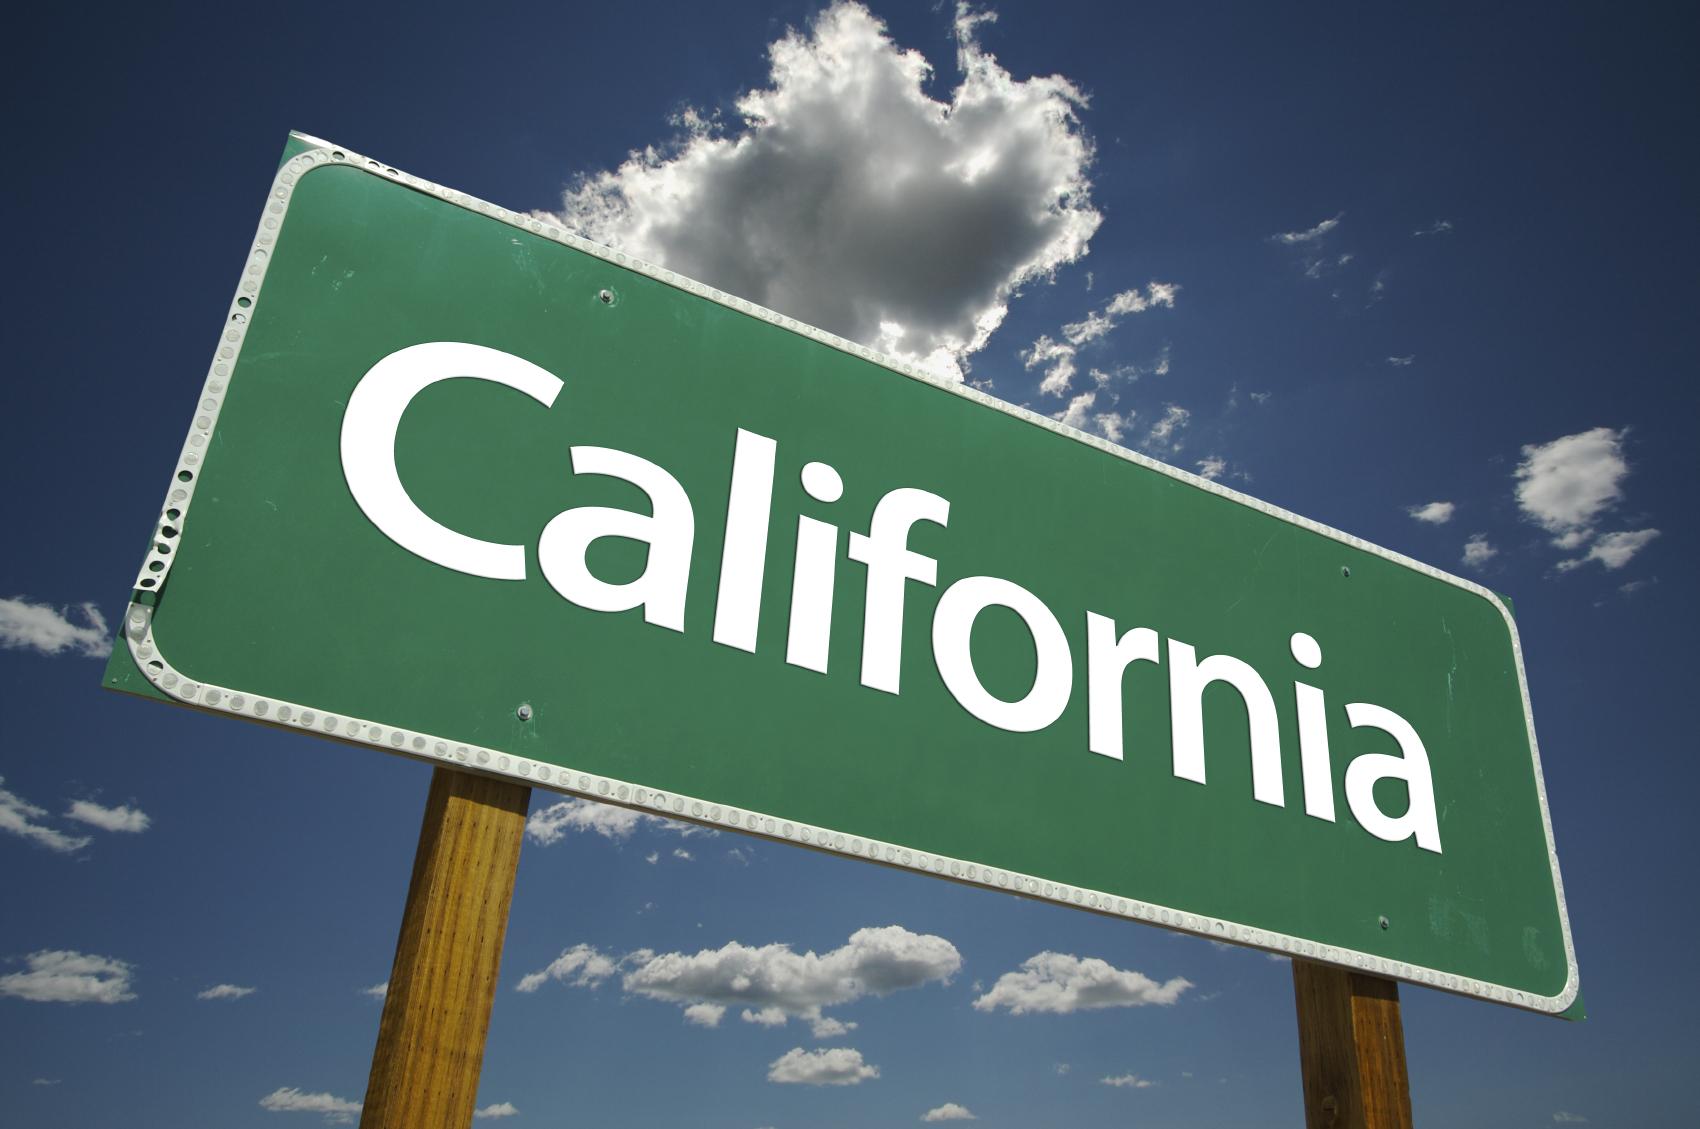 Kaleksit: Kalifornija traži otcjepljenje od SAD?